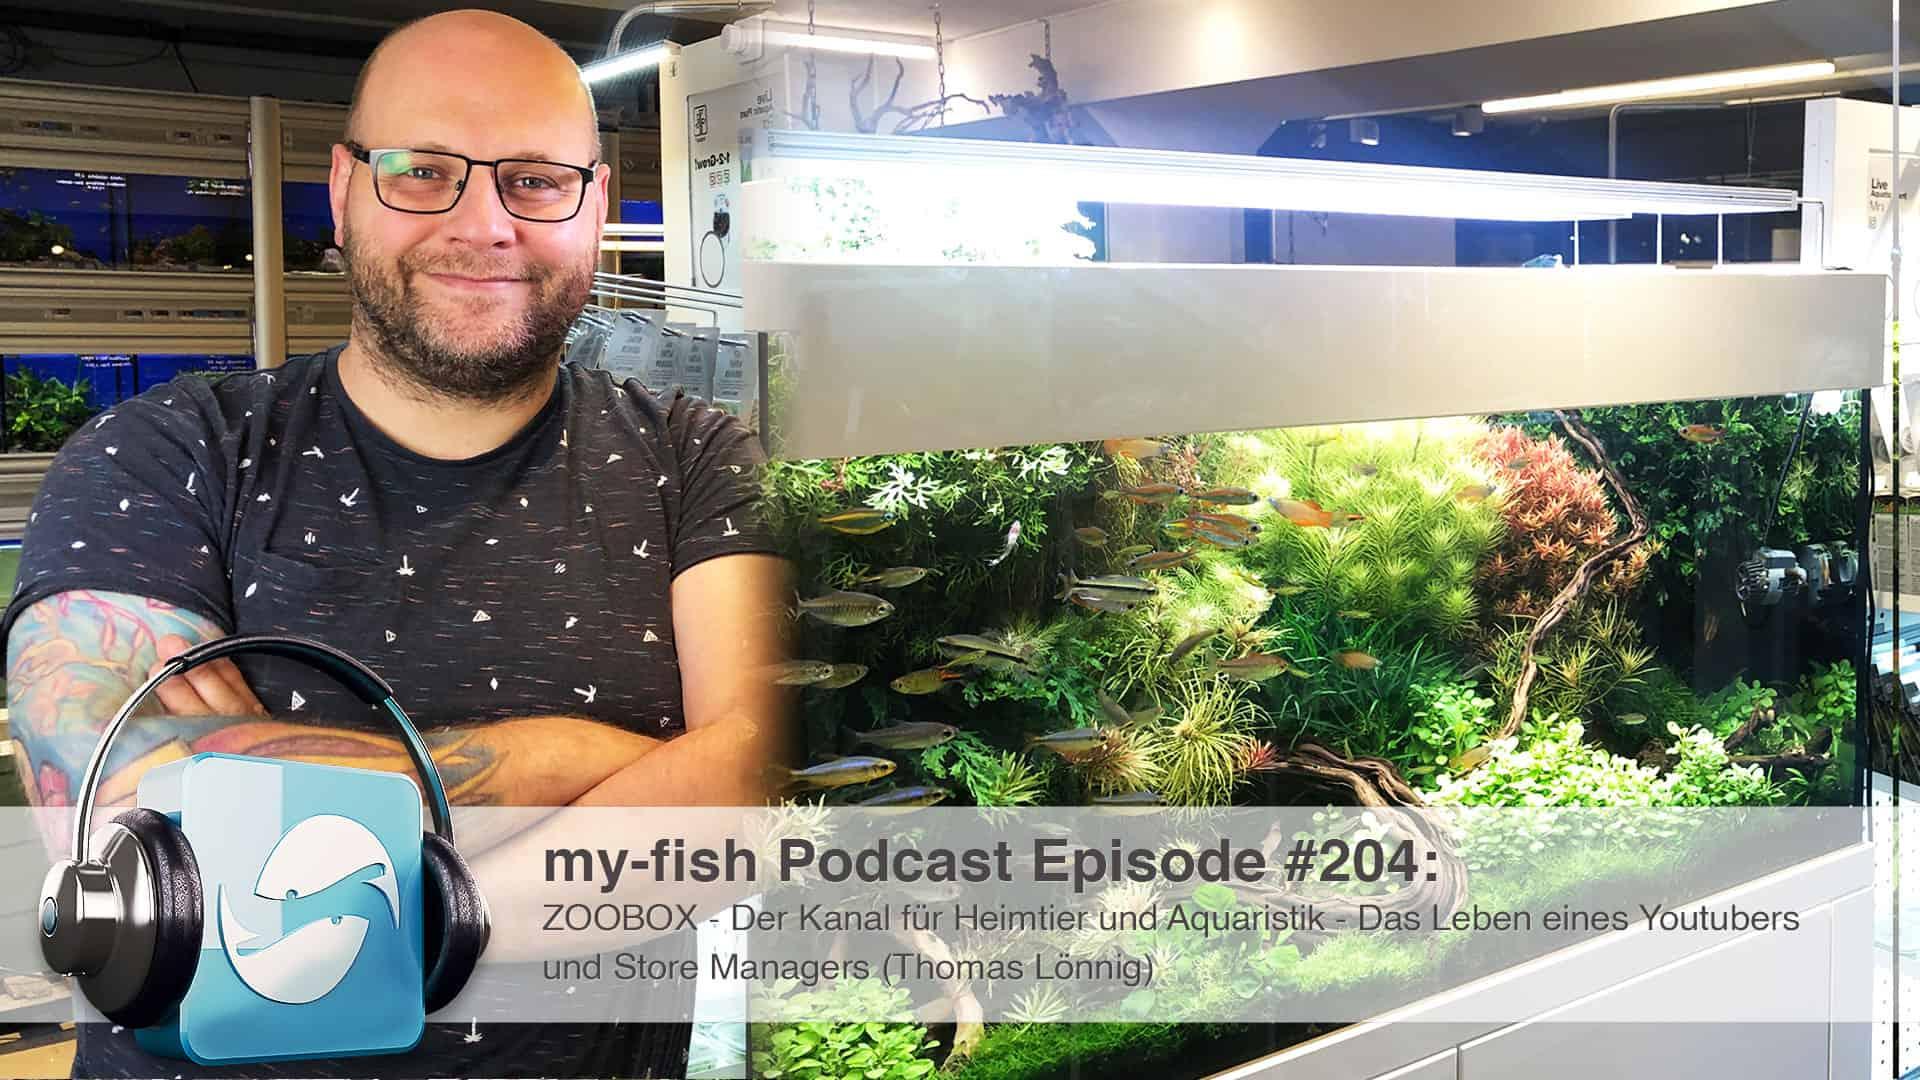 204 - ZOOBOX - Der Kanal für Heimtier und Aquaristik - Das Leben eines Youtubers und Store Managers (Thomas Lönnig) 1